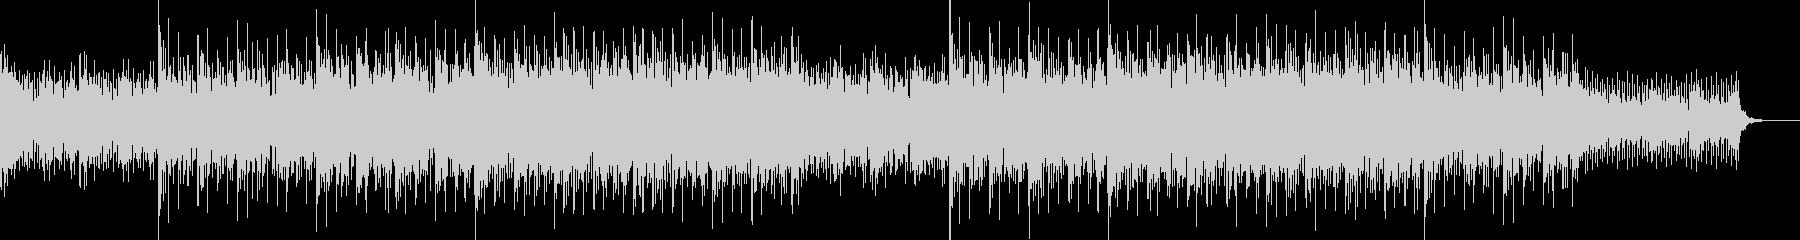 エレクトロニカBGMの未再生の波形